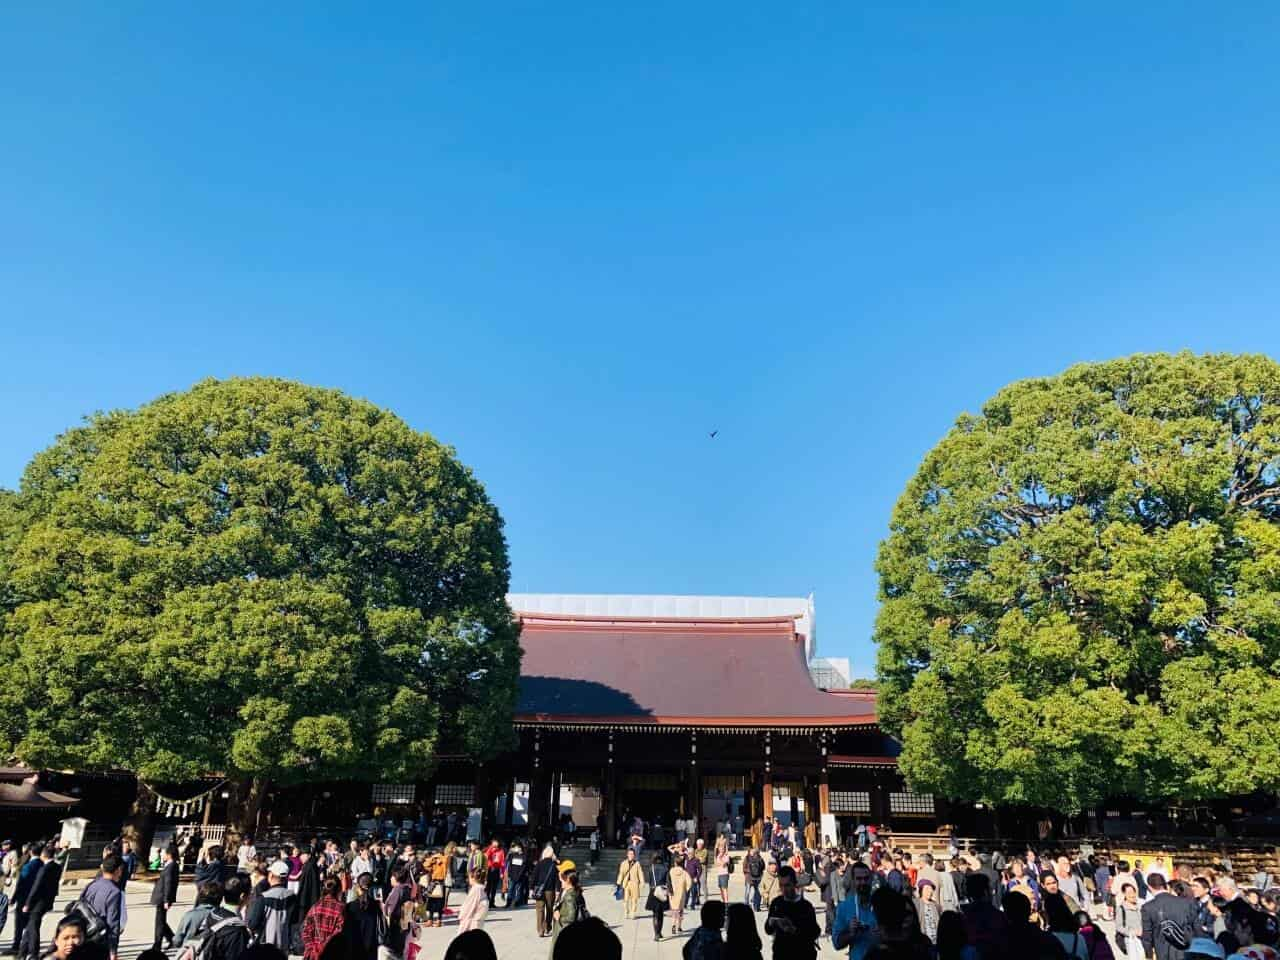 【東京旅途故事】你知道御守也有有效期限嗎?